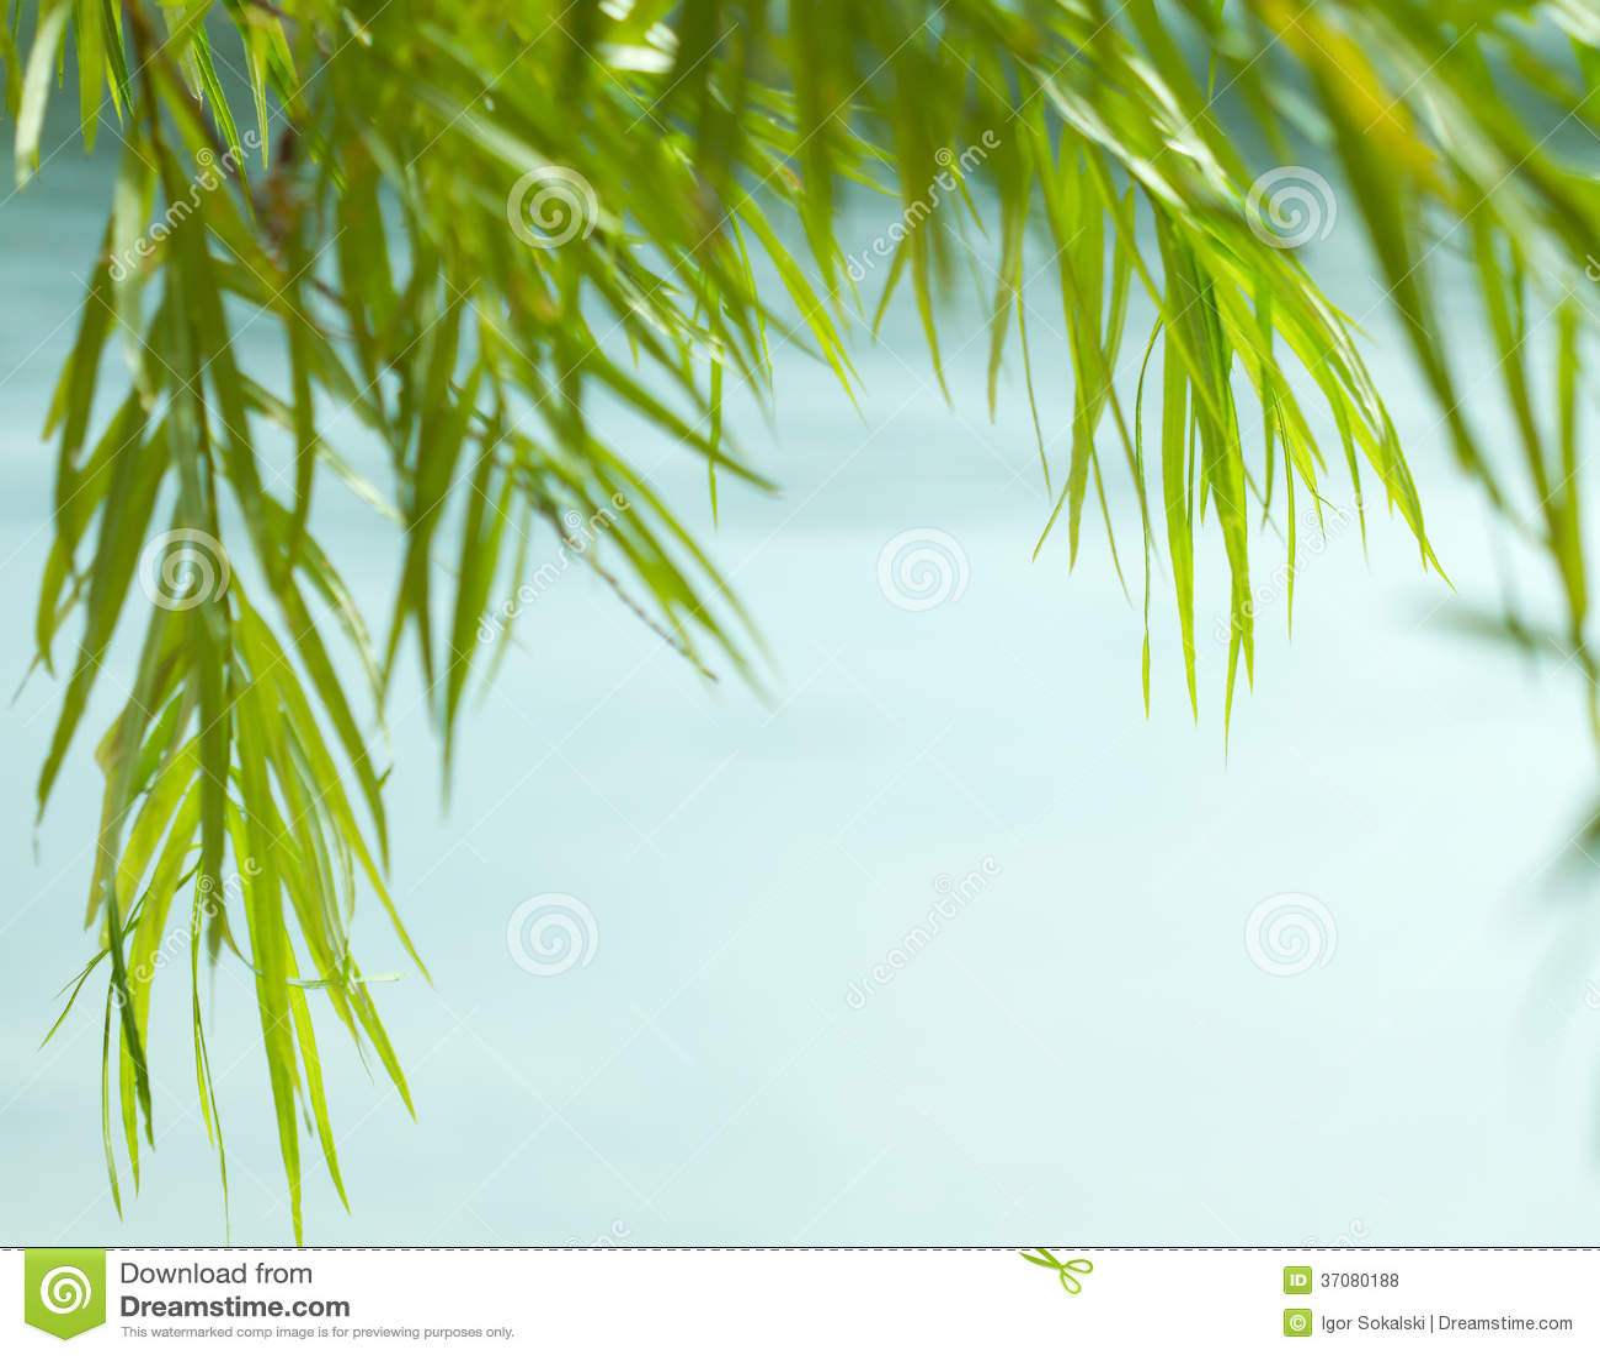 Download Zieleni wierzba liście zdjęcie stock. Obraz złożonej z verdure - 37080188